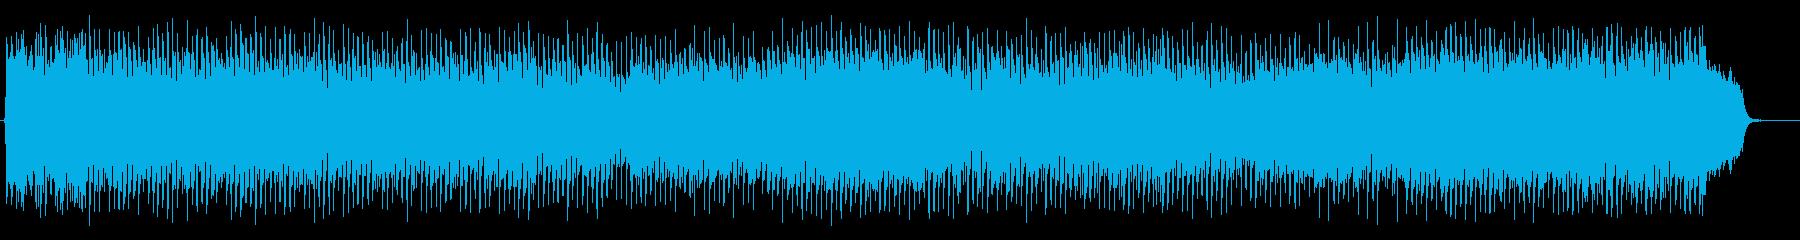 スローミドル8ビートの壮大な卒業ソングの再生済みの波形